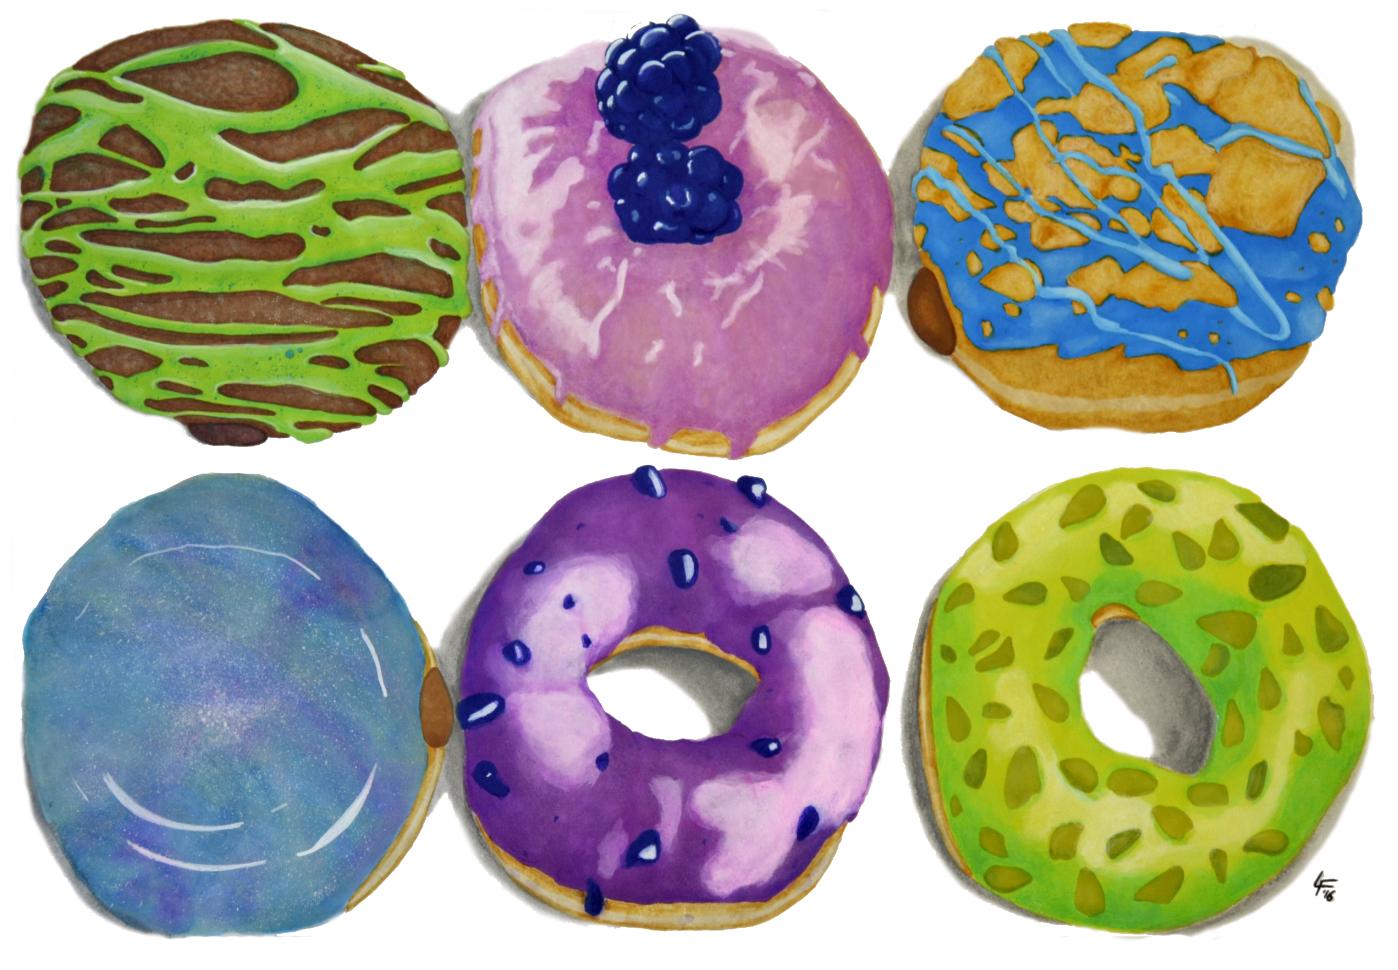 Donuts Fríos ilustración de Louis Firioss